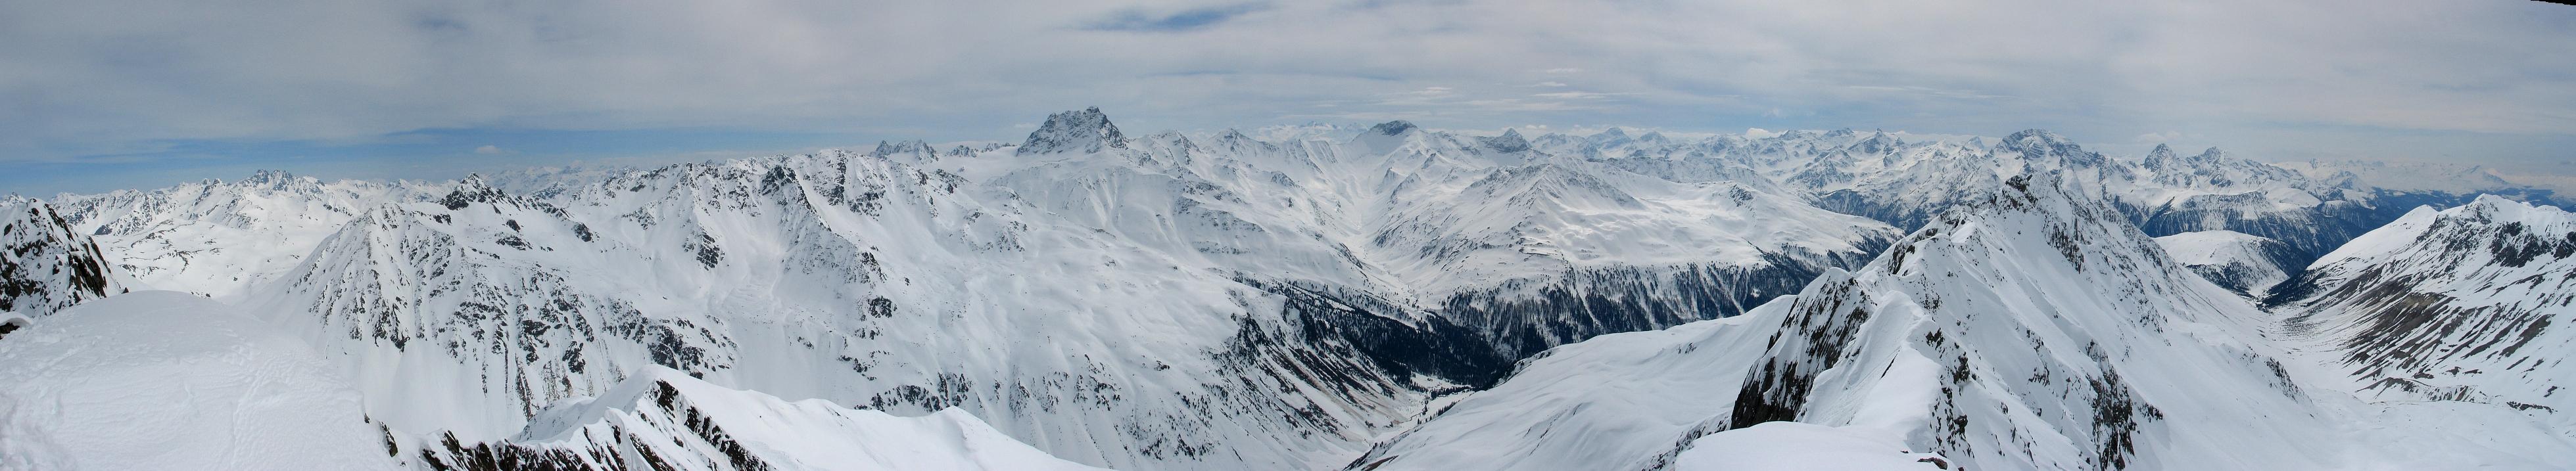 Gletscher Ducan Albula Alpen Switzerland panorama 36